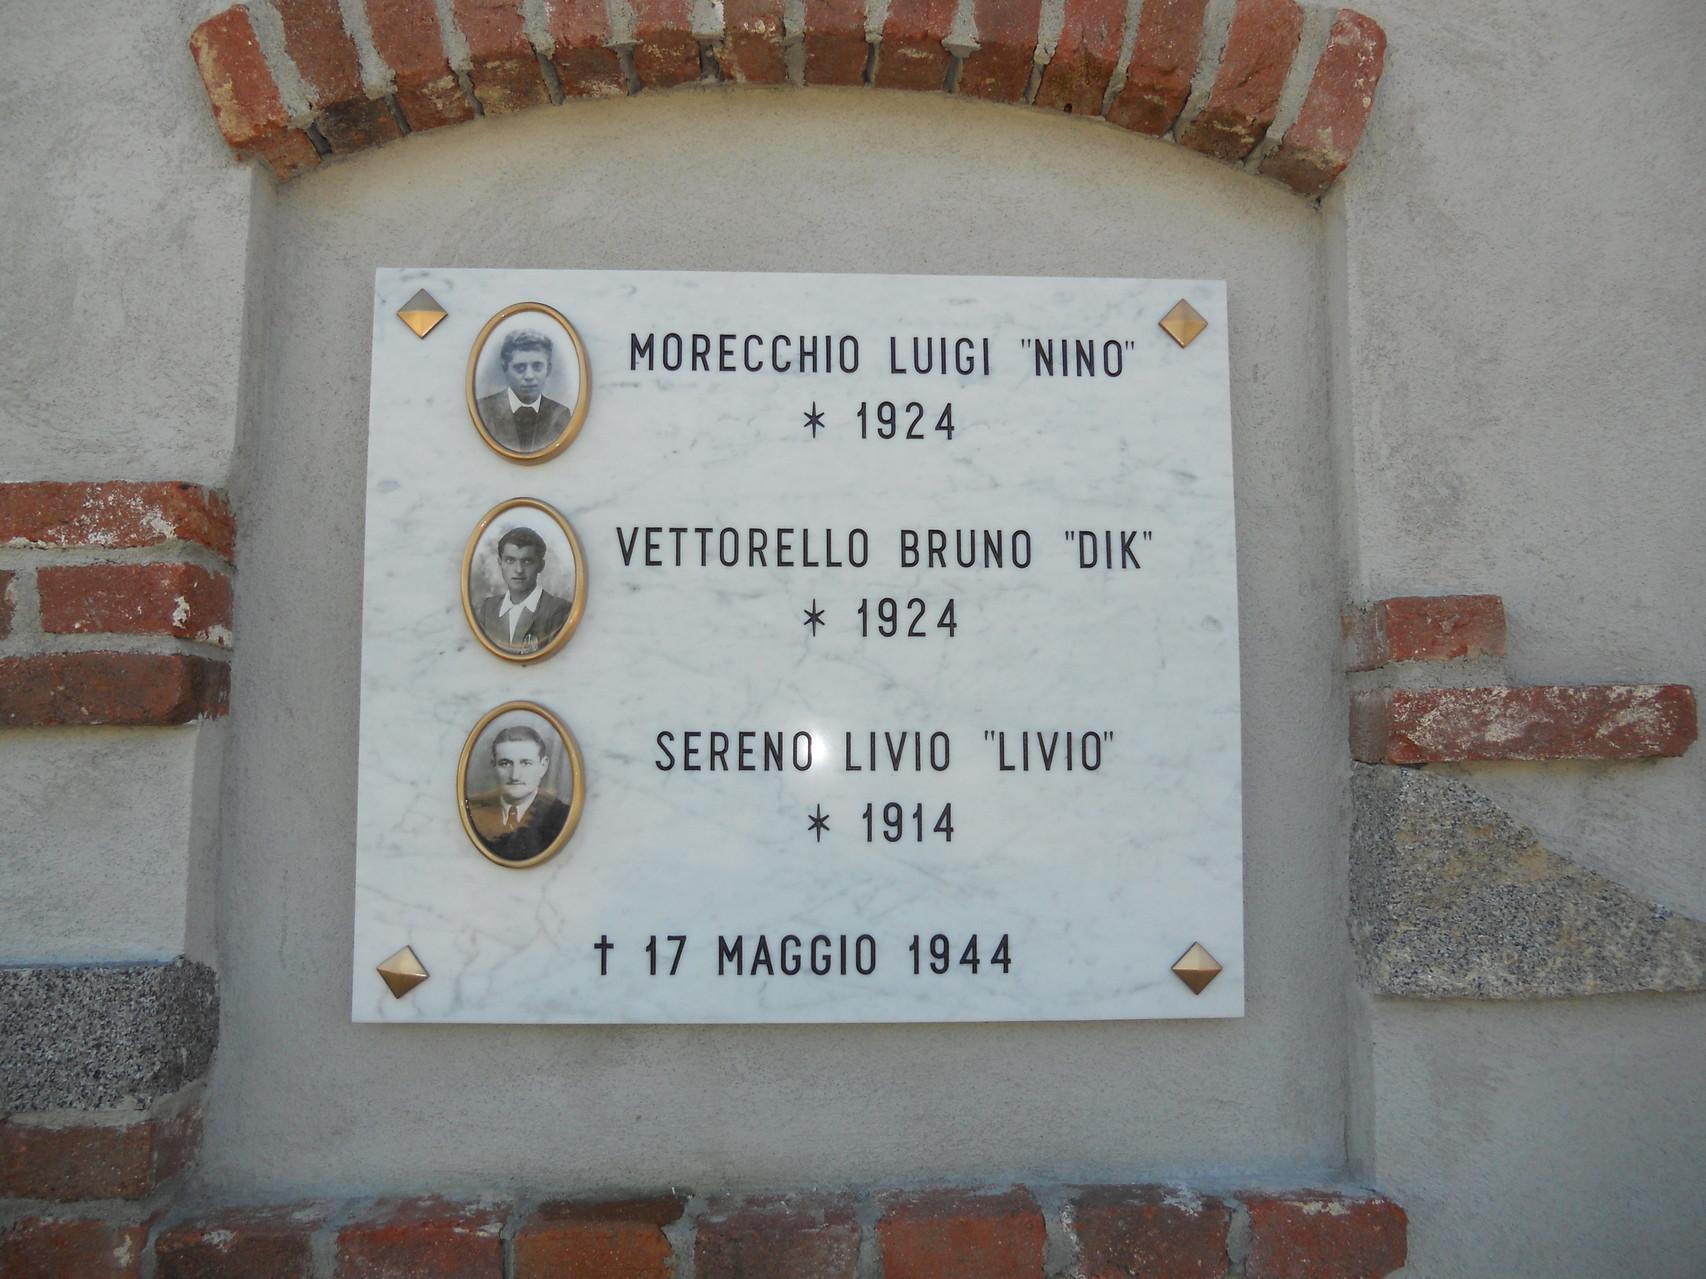 La lapide commemorativa del sacrificio di Luigi Morecchio, Elivio Sereno e Bruno Vettorello